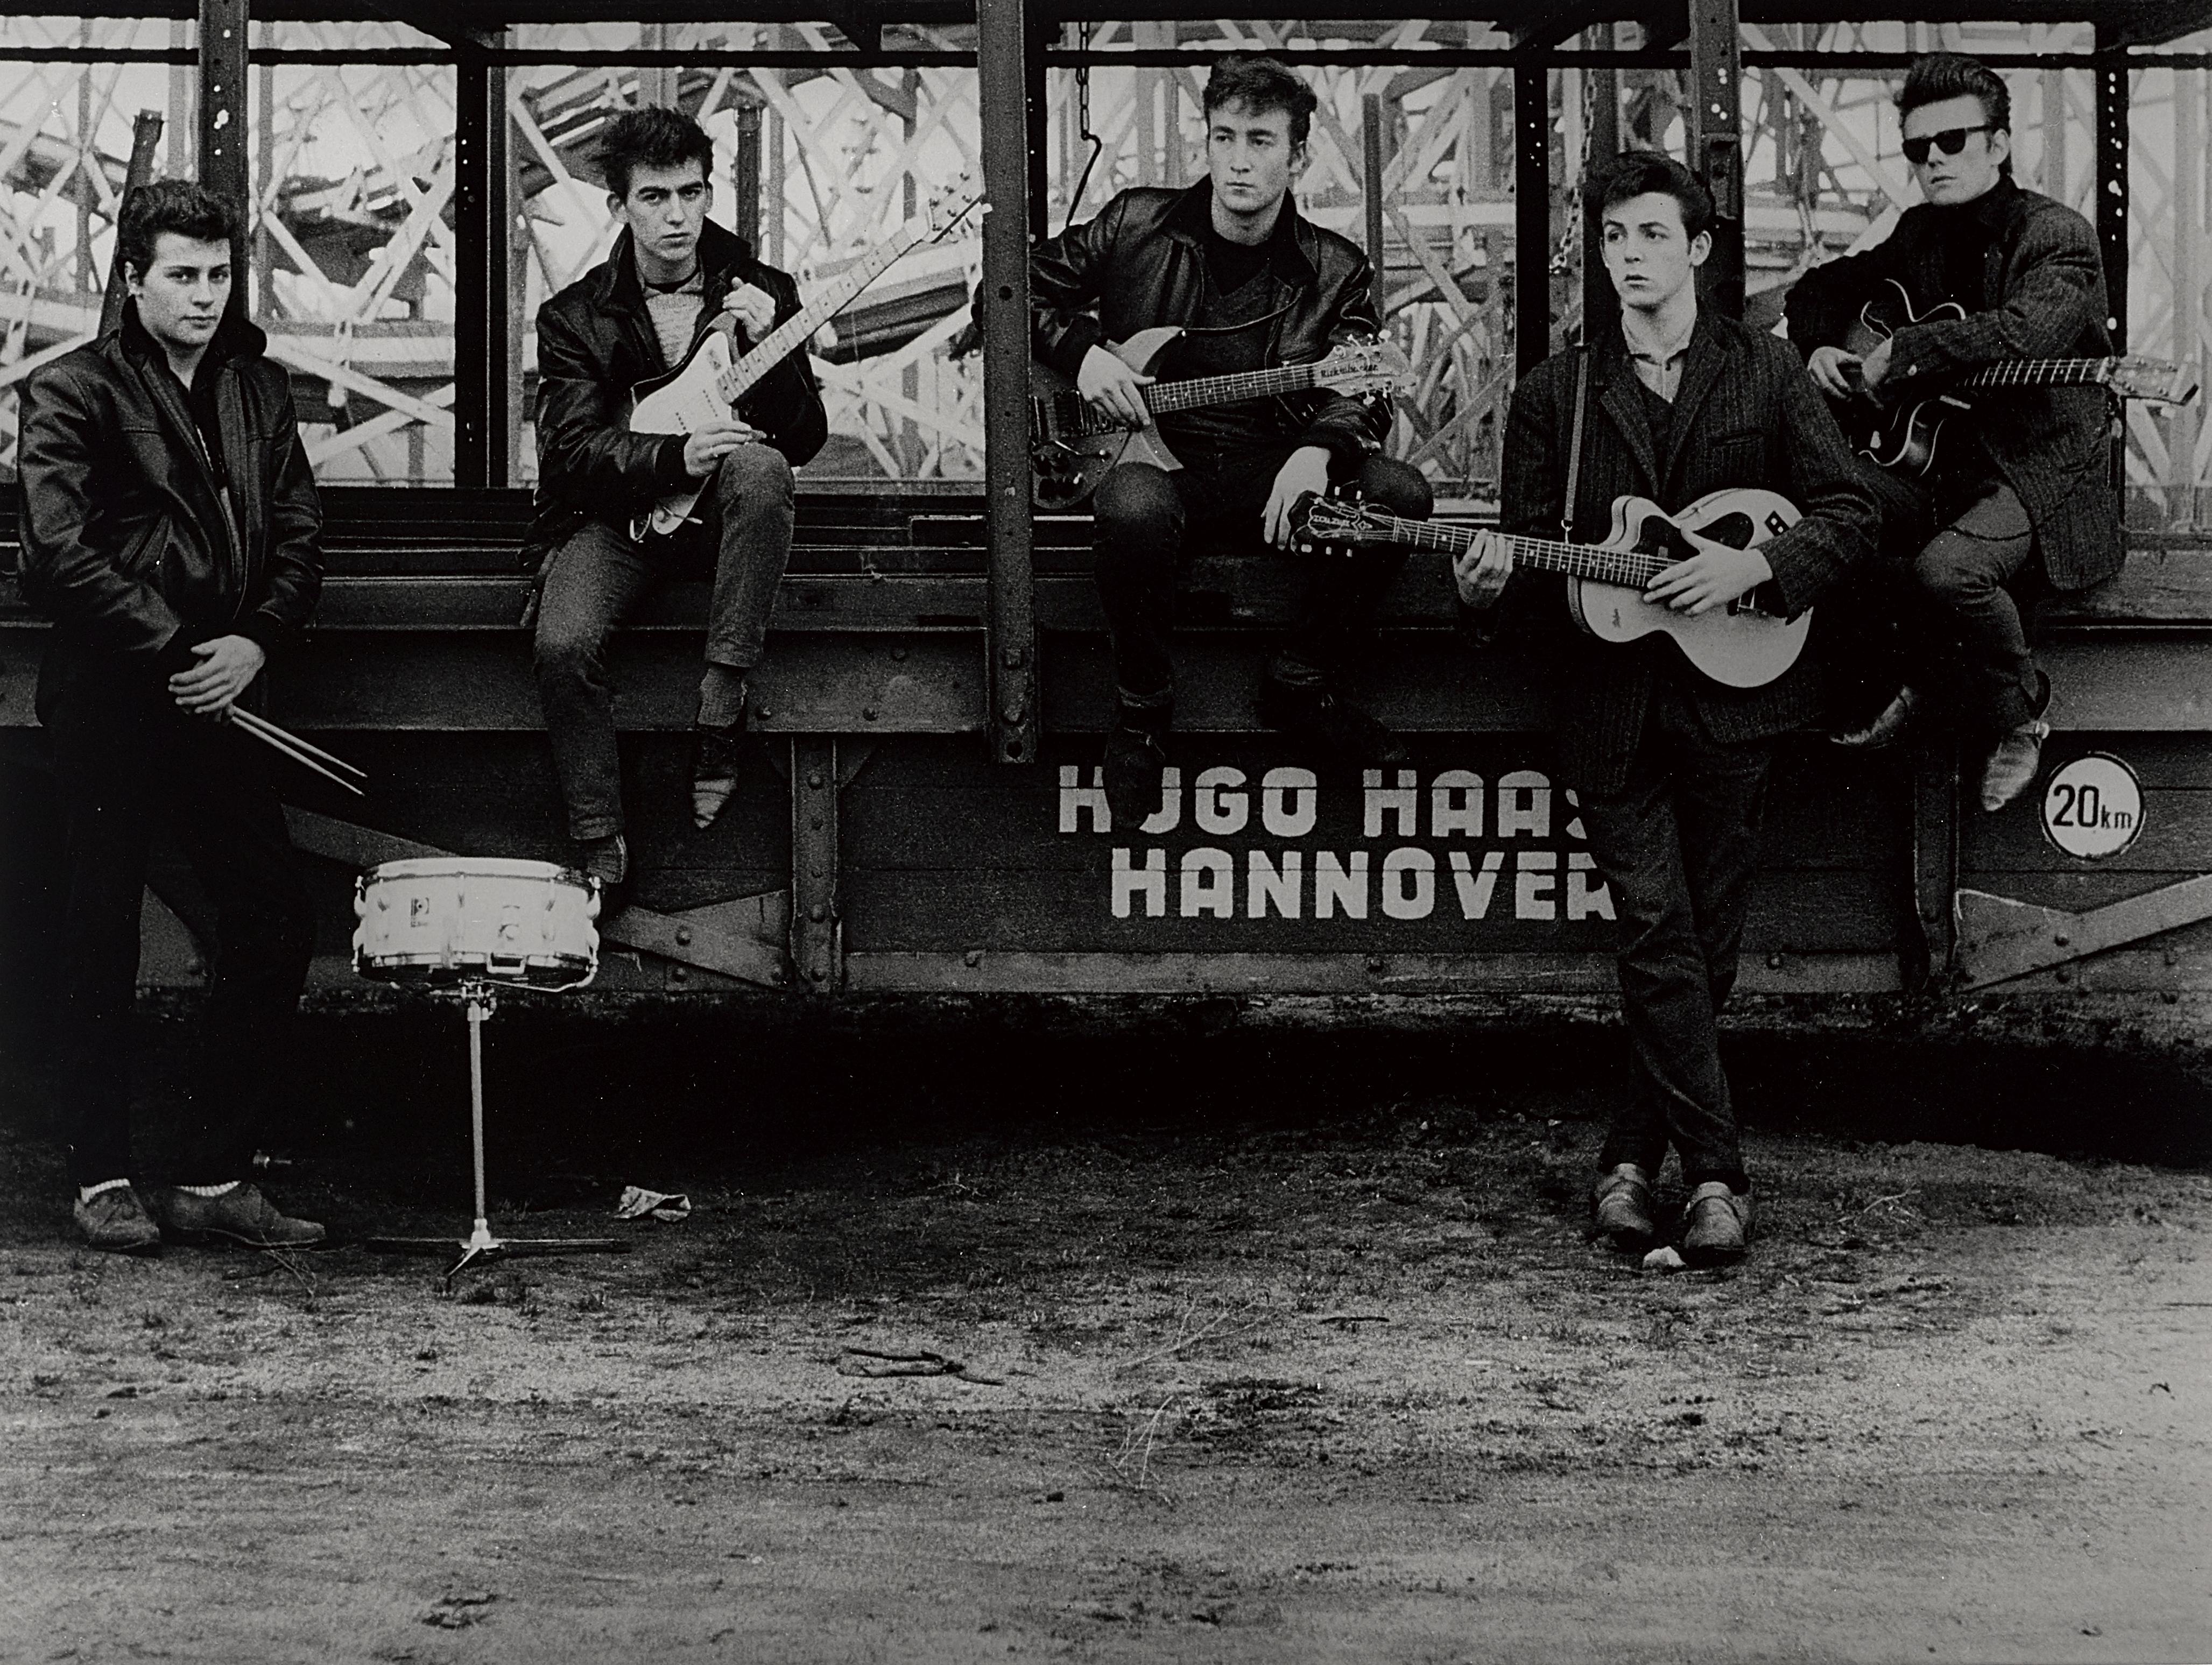 Lot 10 - A Photograph Of The Beatles, Hamburg Fun Fair By Astrid Kirchherr (German, Born 1938) 1960